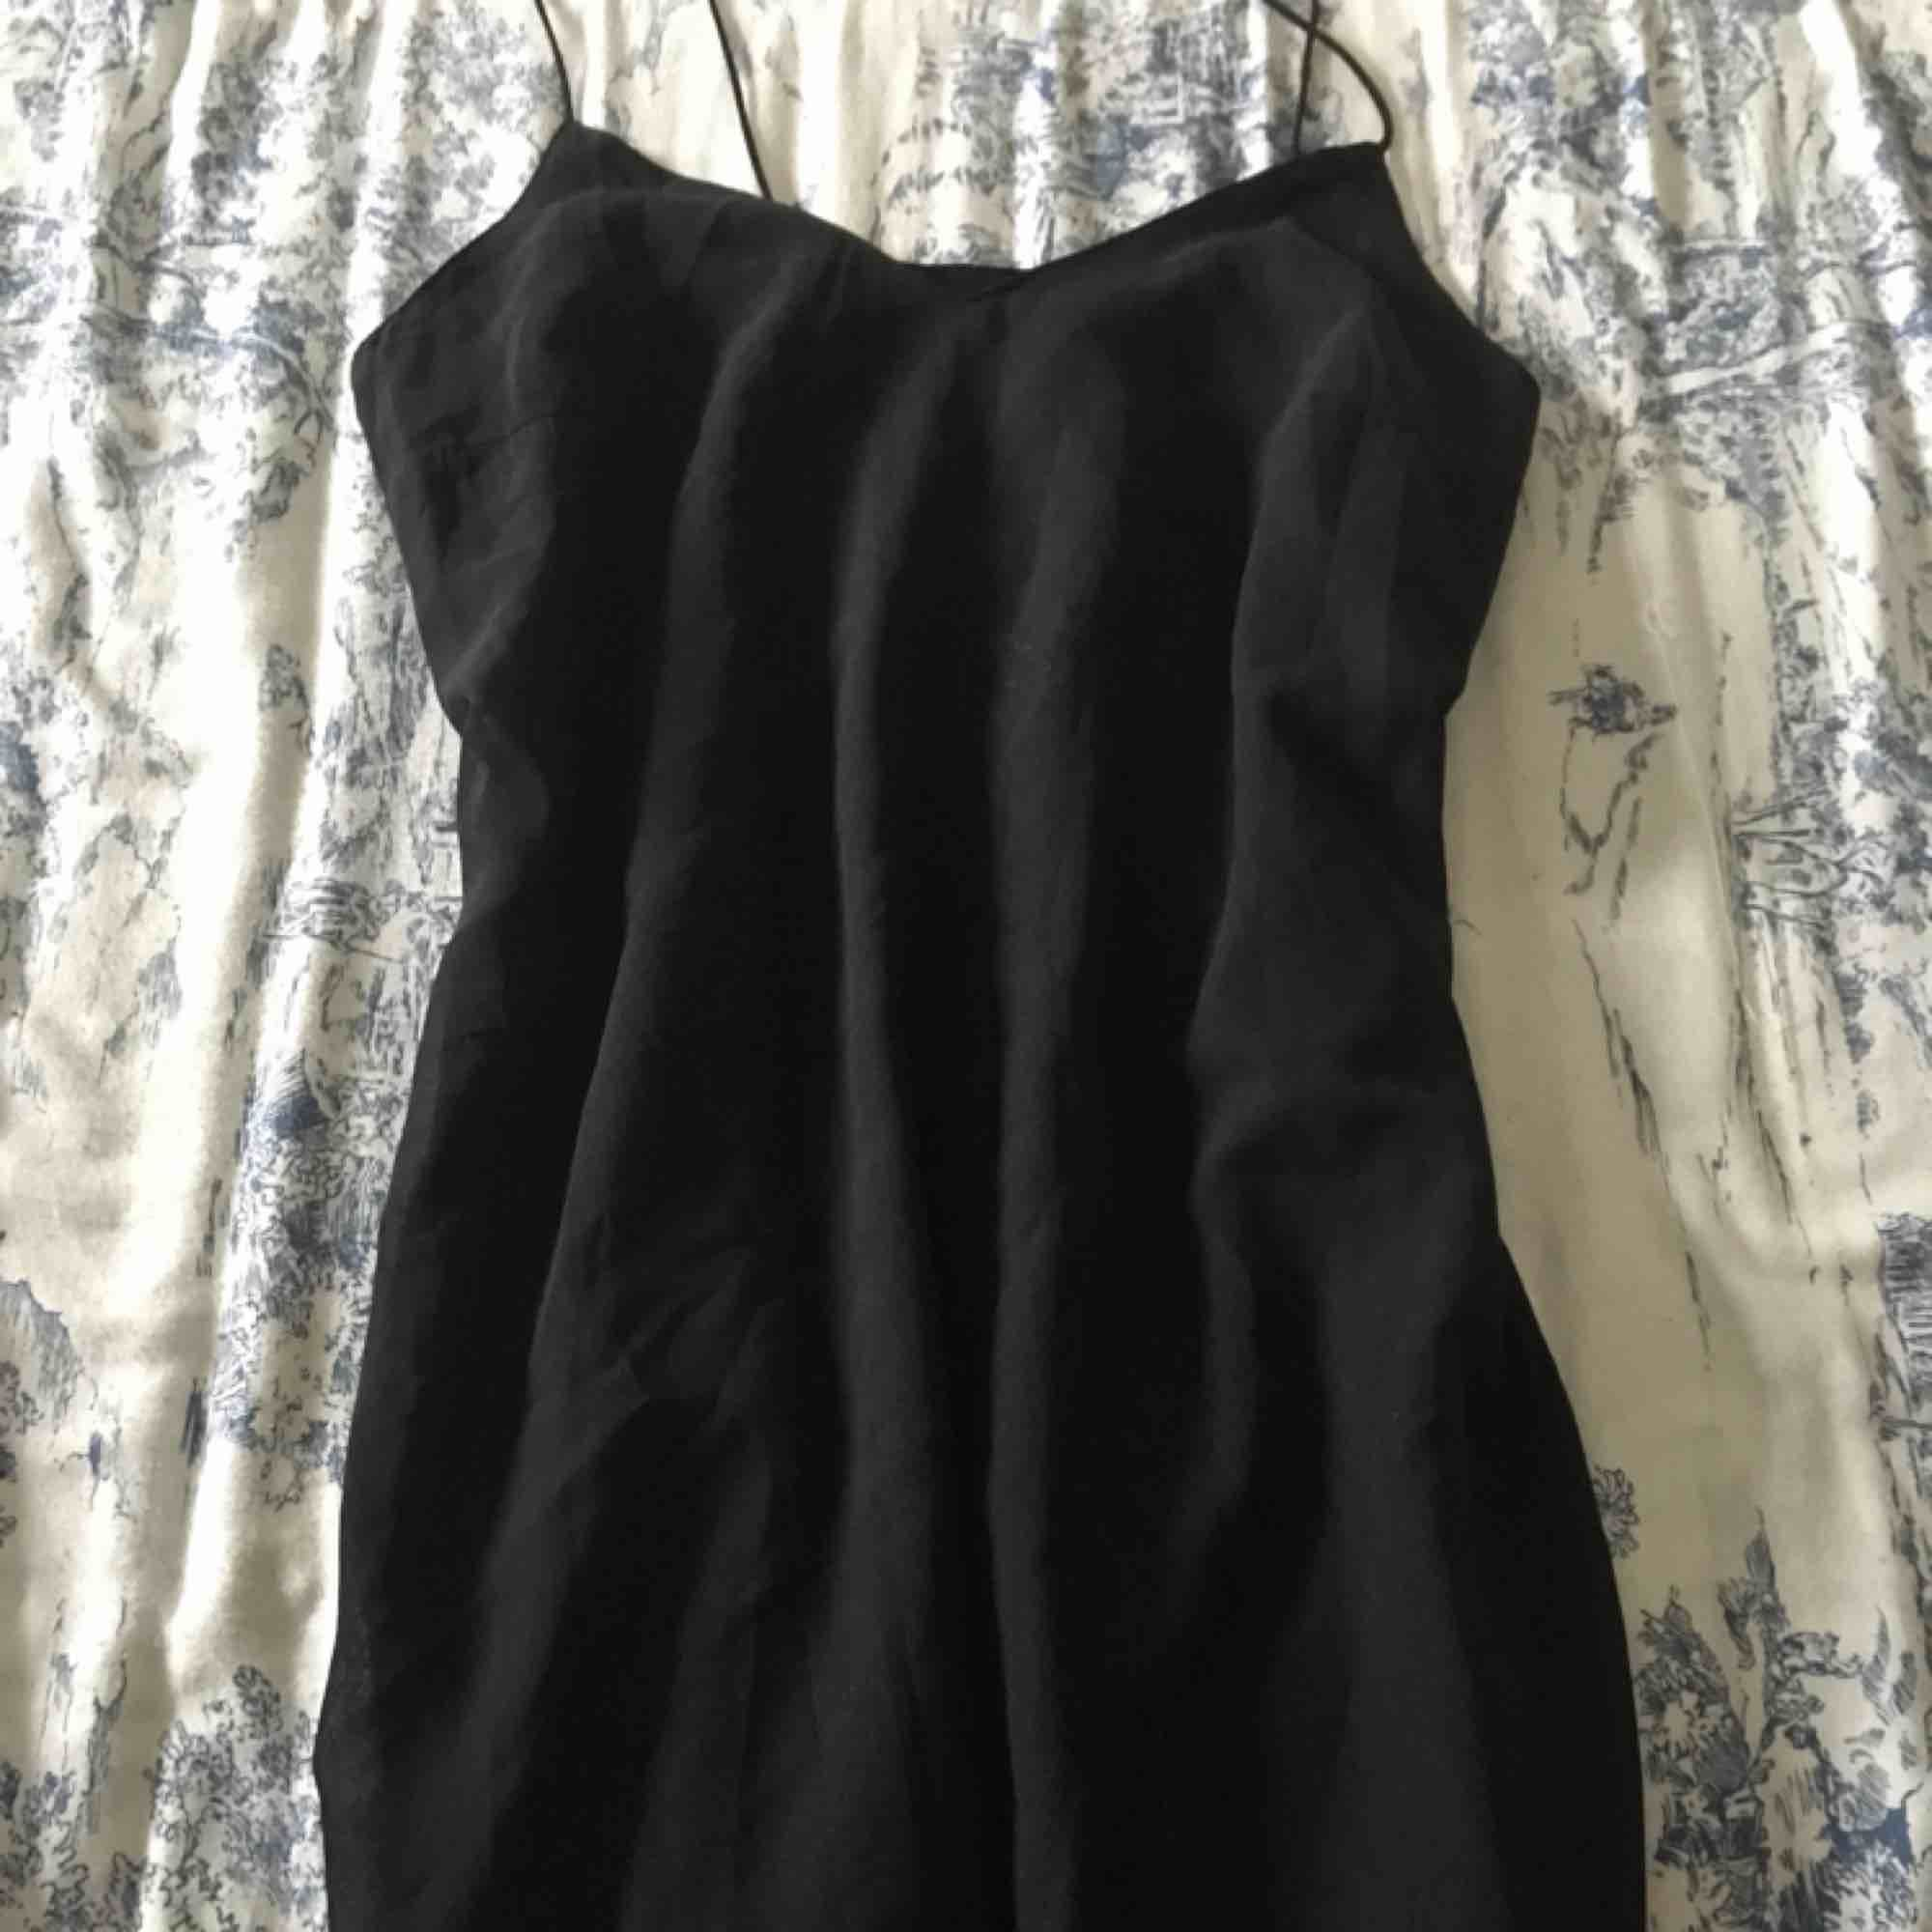 b92df5245b70 Fin svart klänning. Säljes för 80kr inkl frakt, kan även mötas upp i gbg ...